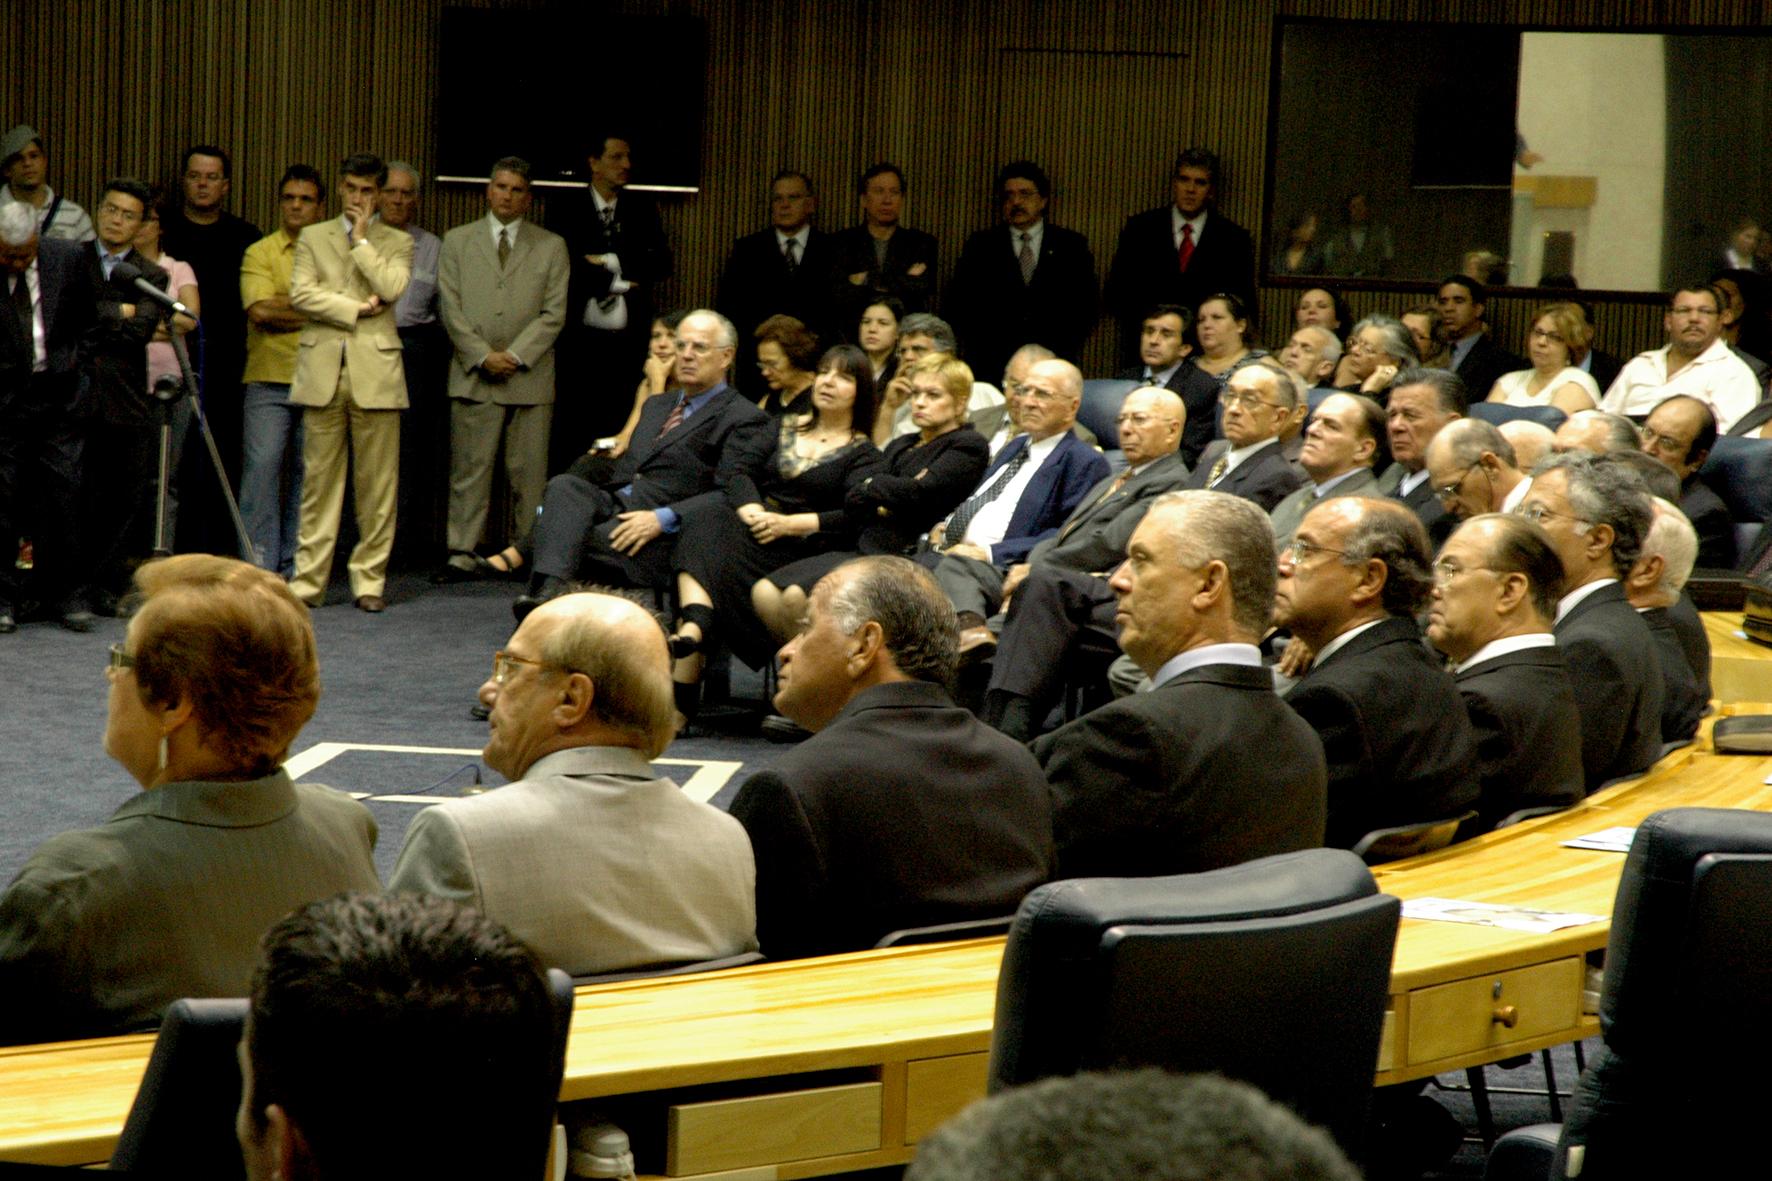 Câmara Municipal presta homenagem a delegados de polícia